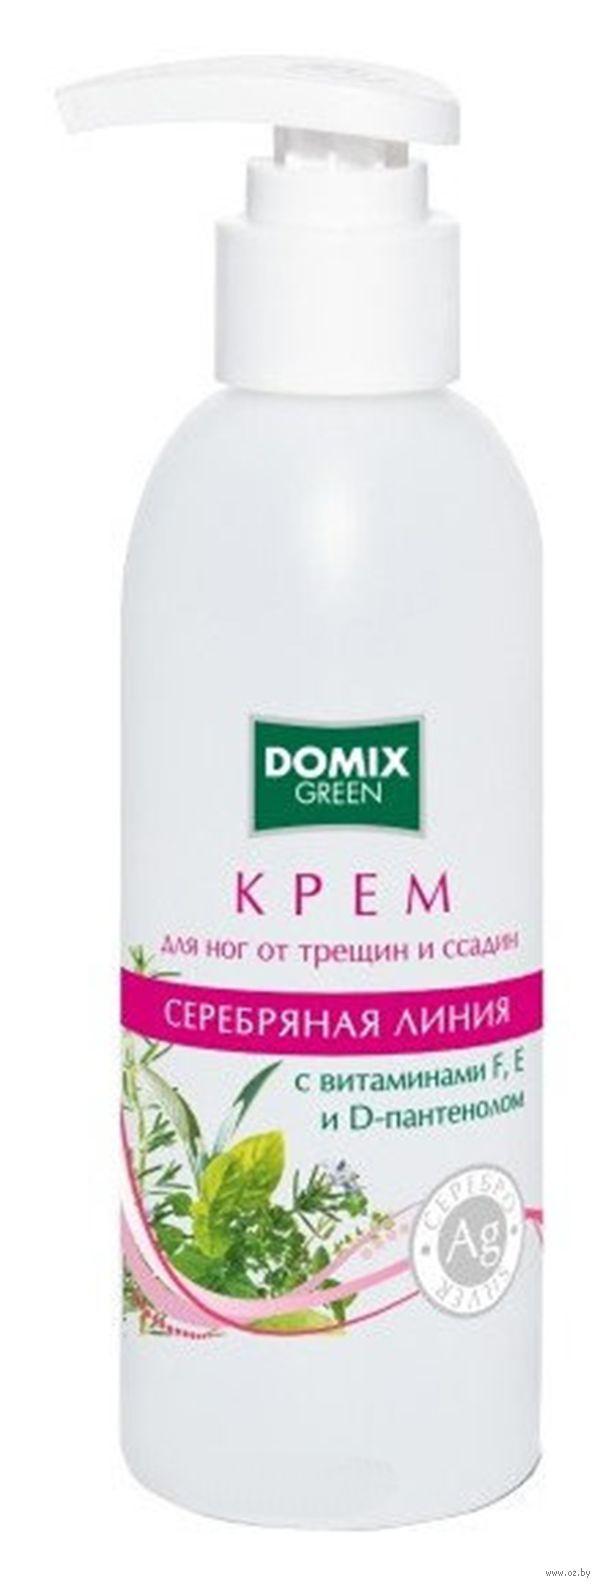 Крем для ухода за кожей Domix Green 104182 от трещин и ссадин с витамином F, E и D-антенолом и наносеребром до и после крем для ног от трещин в ступнях 150мл